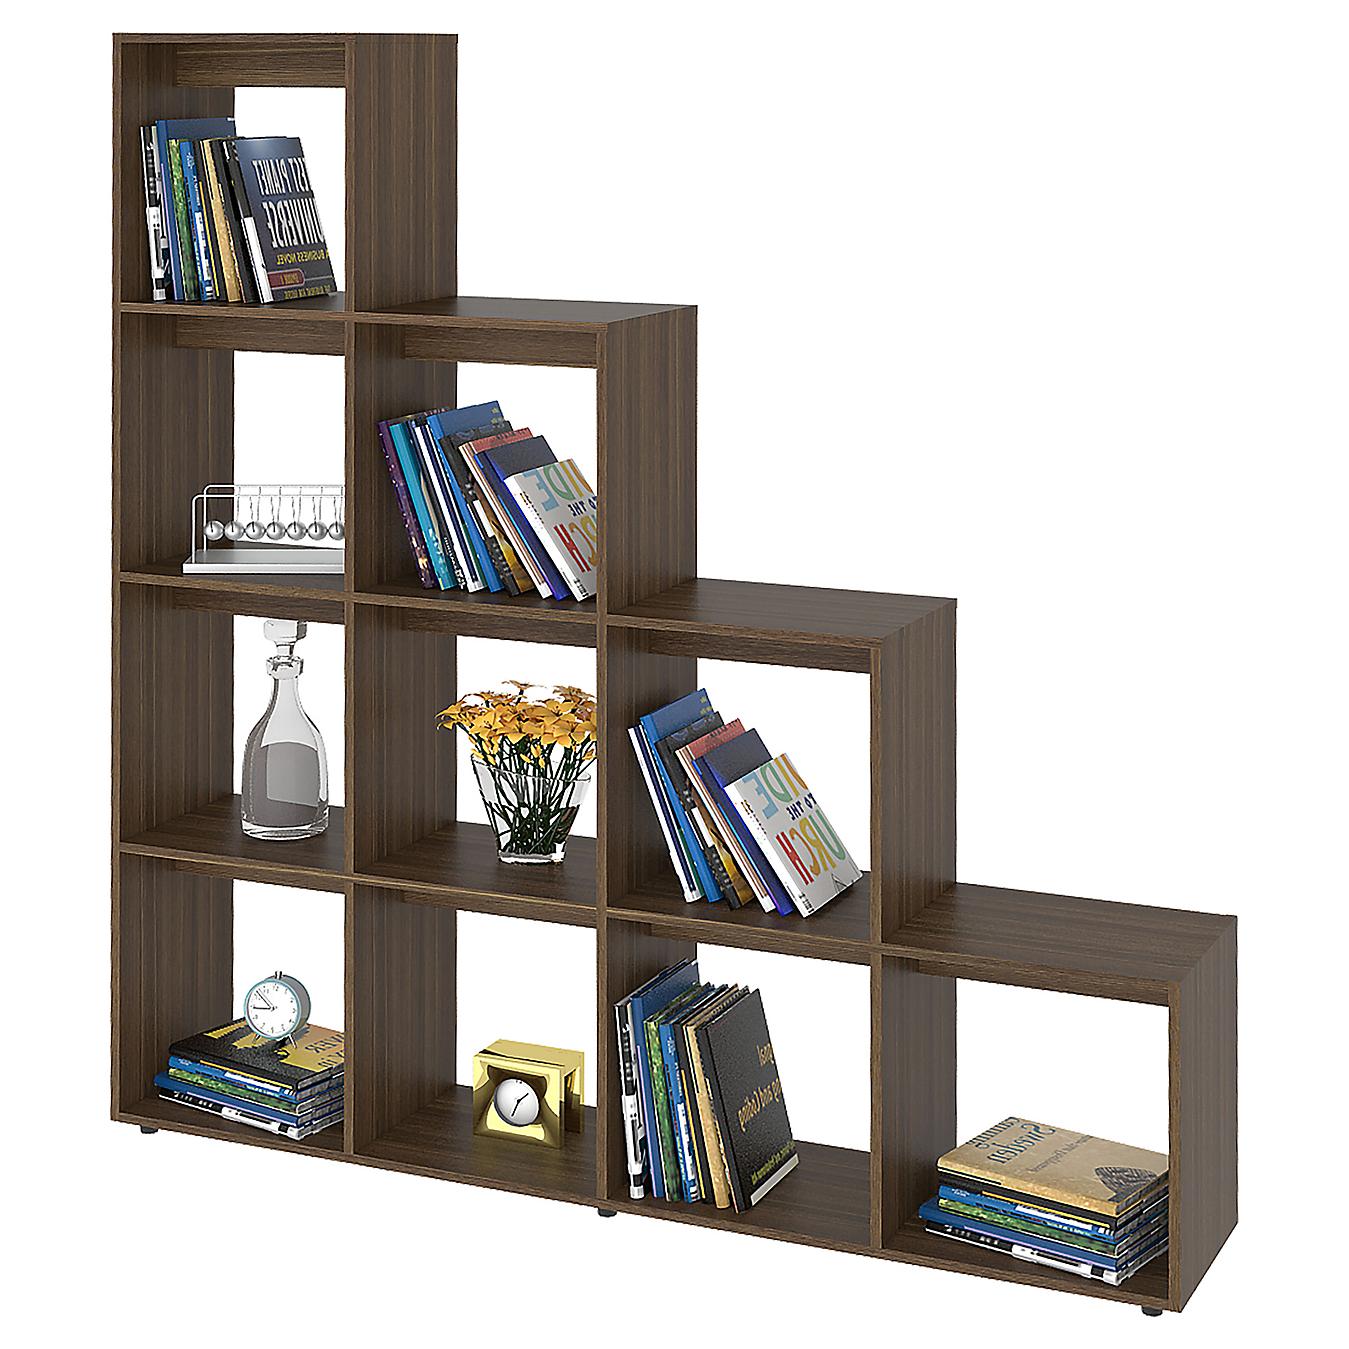 Biblioteca 10 repisas 170x156x30 cm amaretto - Sodimac.com 3a6fbd6168f9